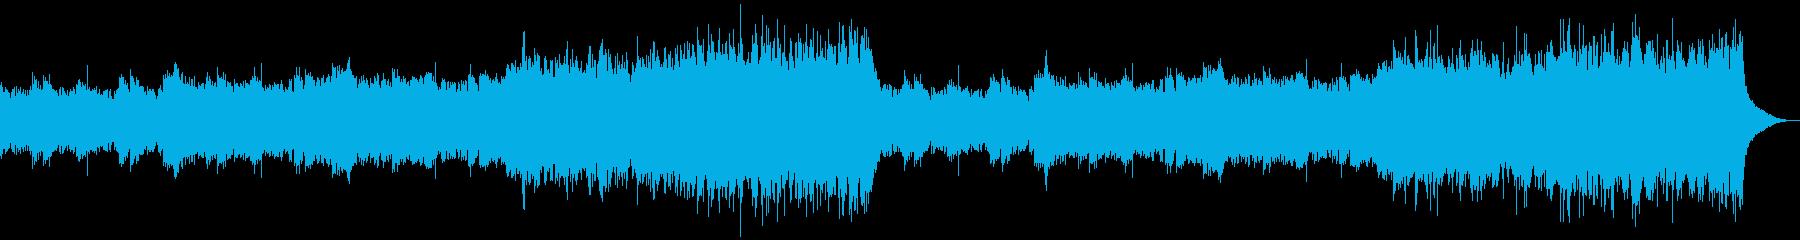 企業VP映像、152オーケストラ、爽快aの再生済みの波形